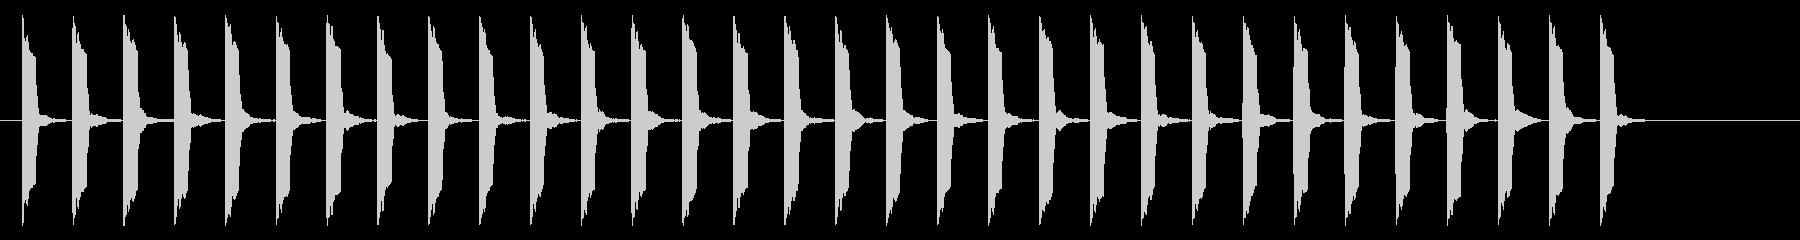 心電図の音-4-10(BPM130)の未再生の波形